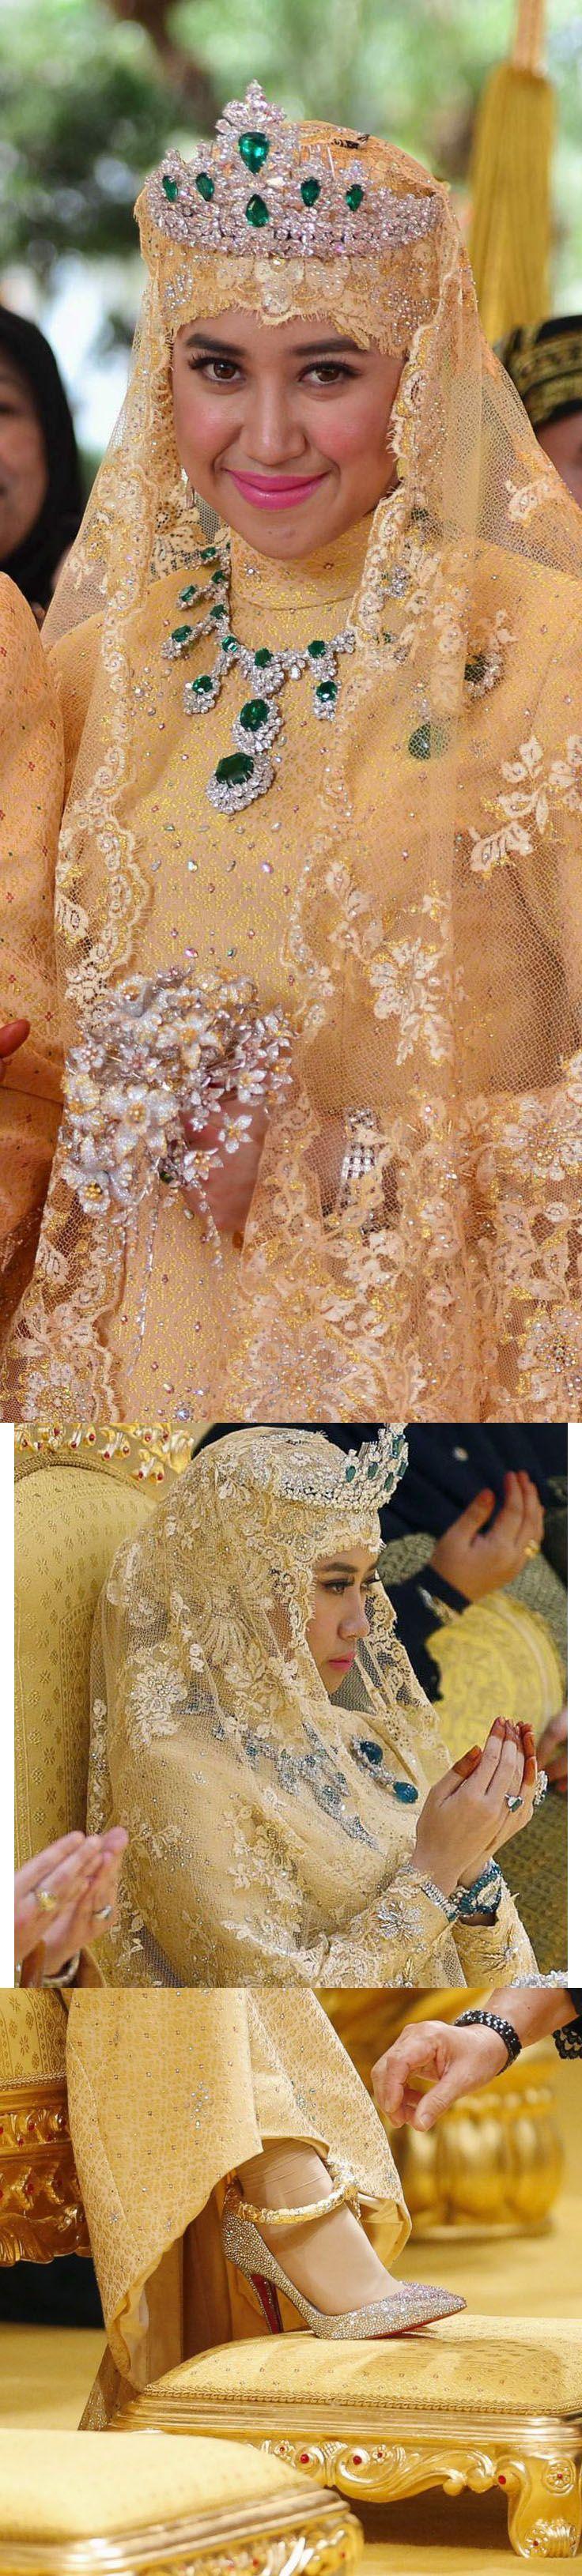 El Príncipe Abdul Malik, hijo del sultán de Brunei, se casó con Dayangku en 2015. La novia llevaba un aderezo de oro, diamantes y esmeraldas en forma de flores formado por una tiara de diamantes tachonada con seis esmeraldas en forma de lágrima, un collar de diamantes con un colgante central de tres esmeraldas, un broche a juego de dos esmeraldas en forma de huevo colgaba de ajuste del diamante y pulseras y anillos de esmeraldas y diamantes, además pulseras de tobillo de oro.